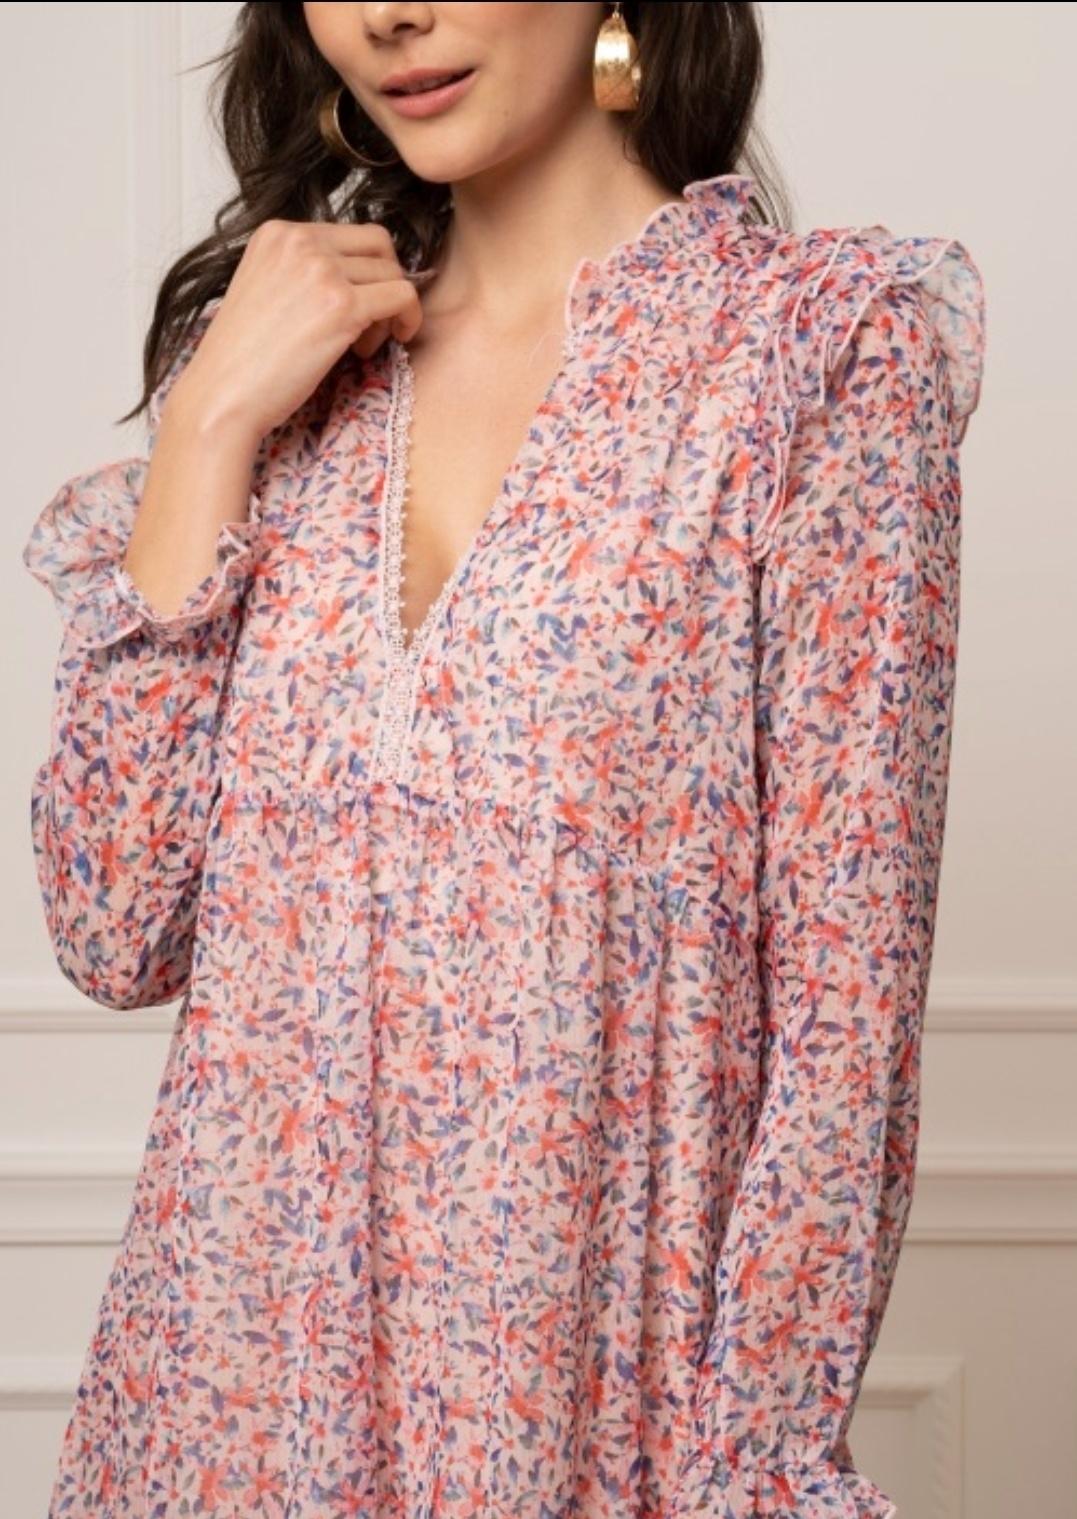 VILLA robe-5